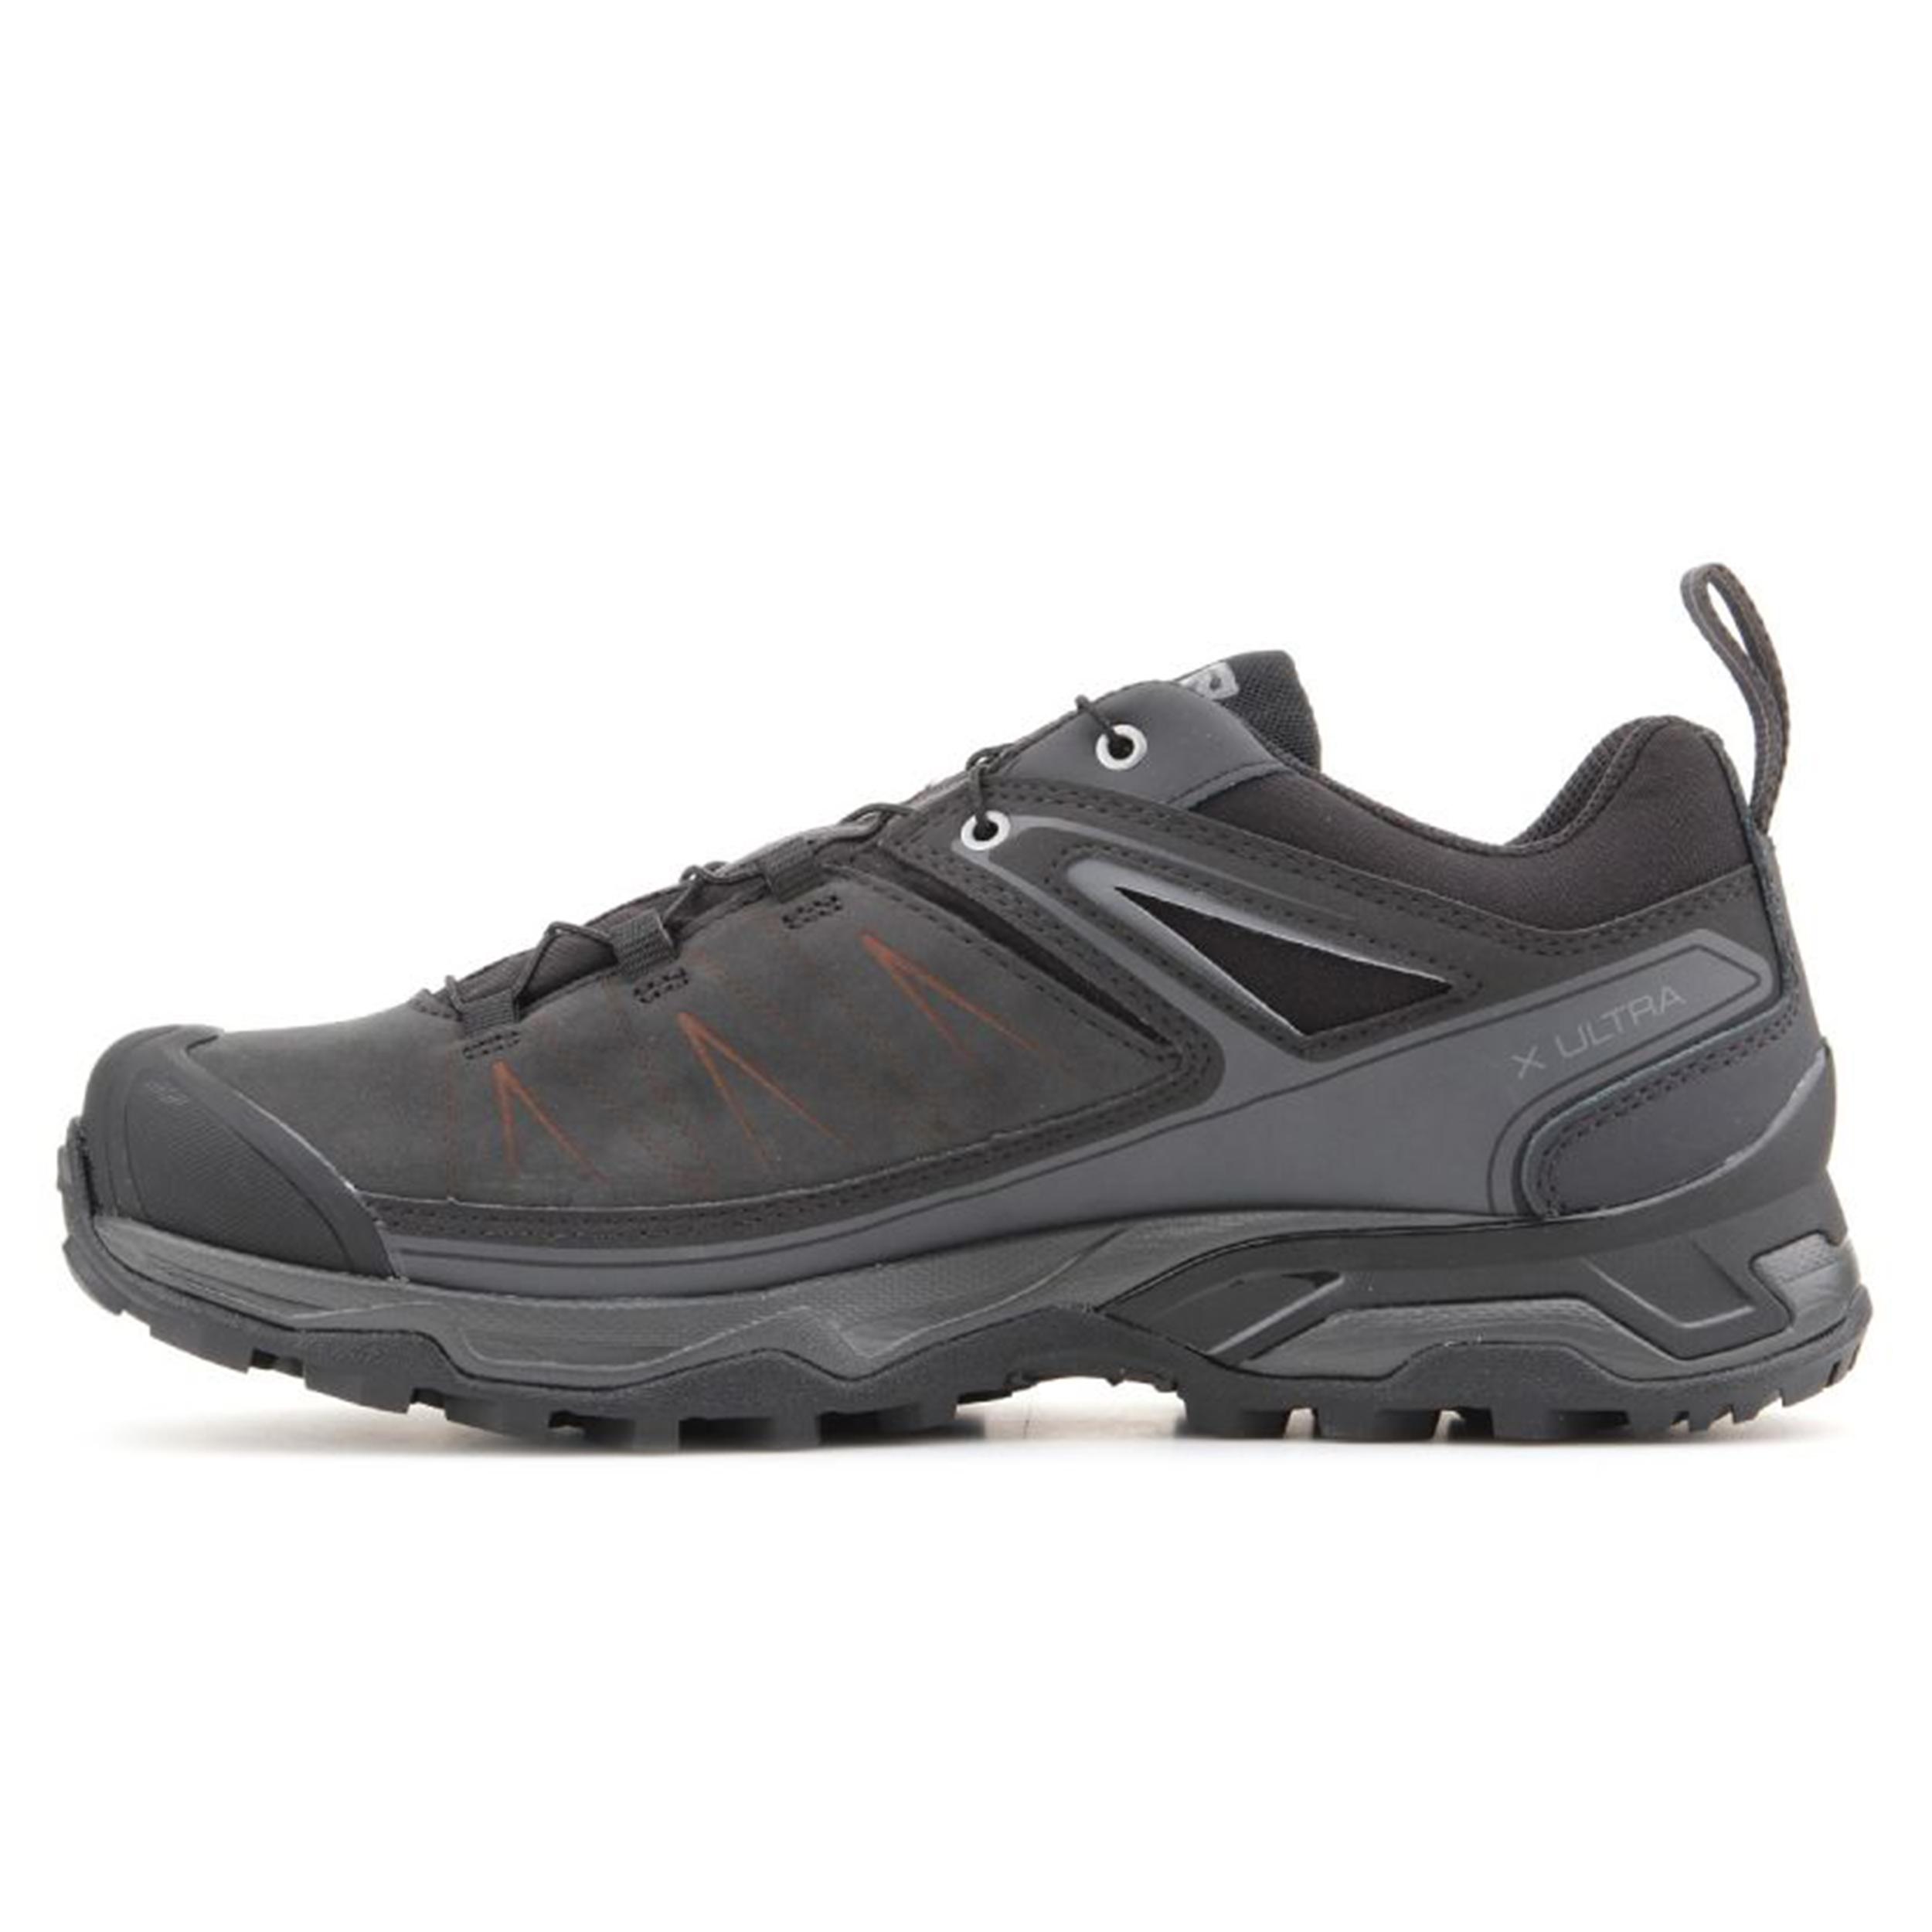 قیمت کفش مخصوص پیاده روی مردانه سالومون مدل 404784 MIRACLE